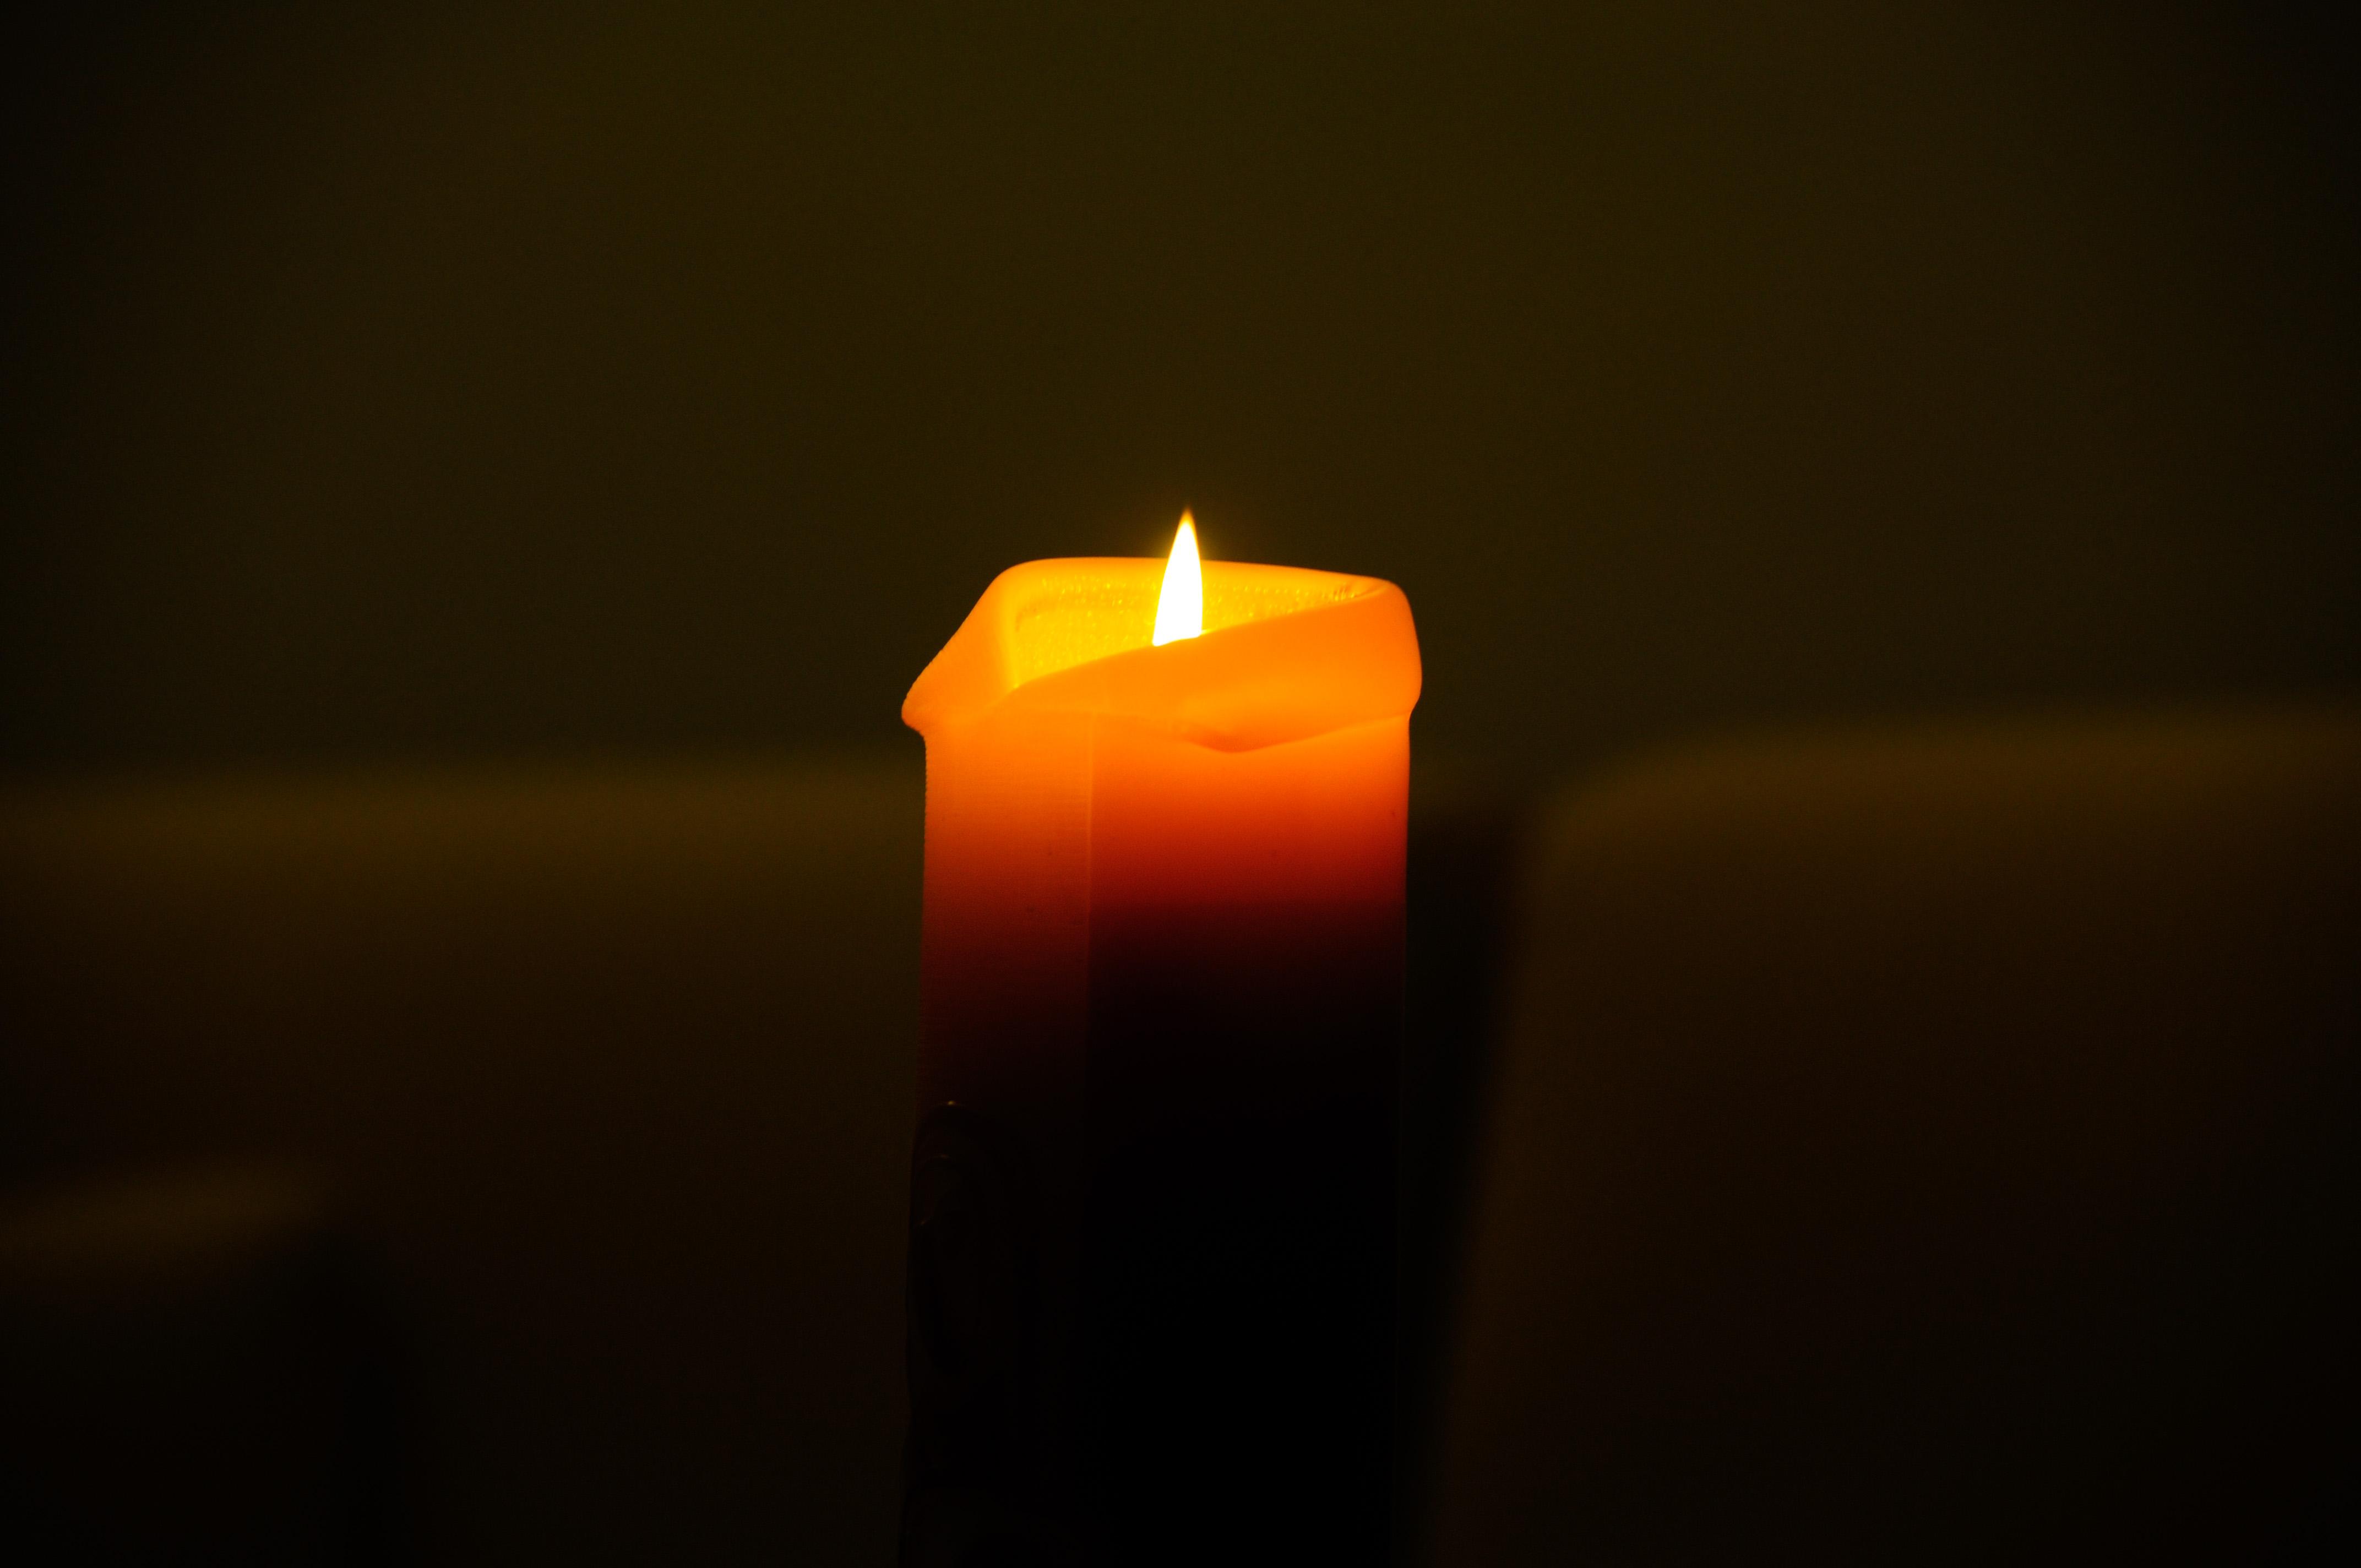 86834 免費下載壁紙 黑暗的, 黑暗, 蜡烛, 火, 闪耀, 光 屏保和圖片